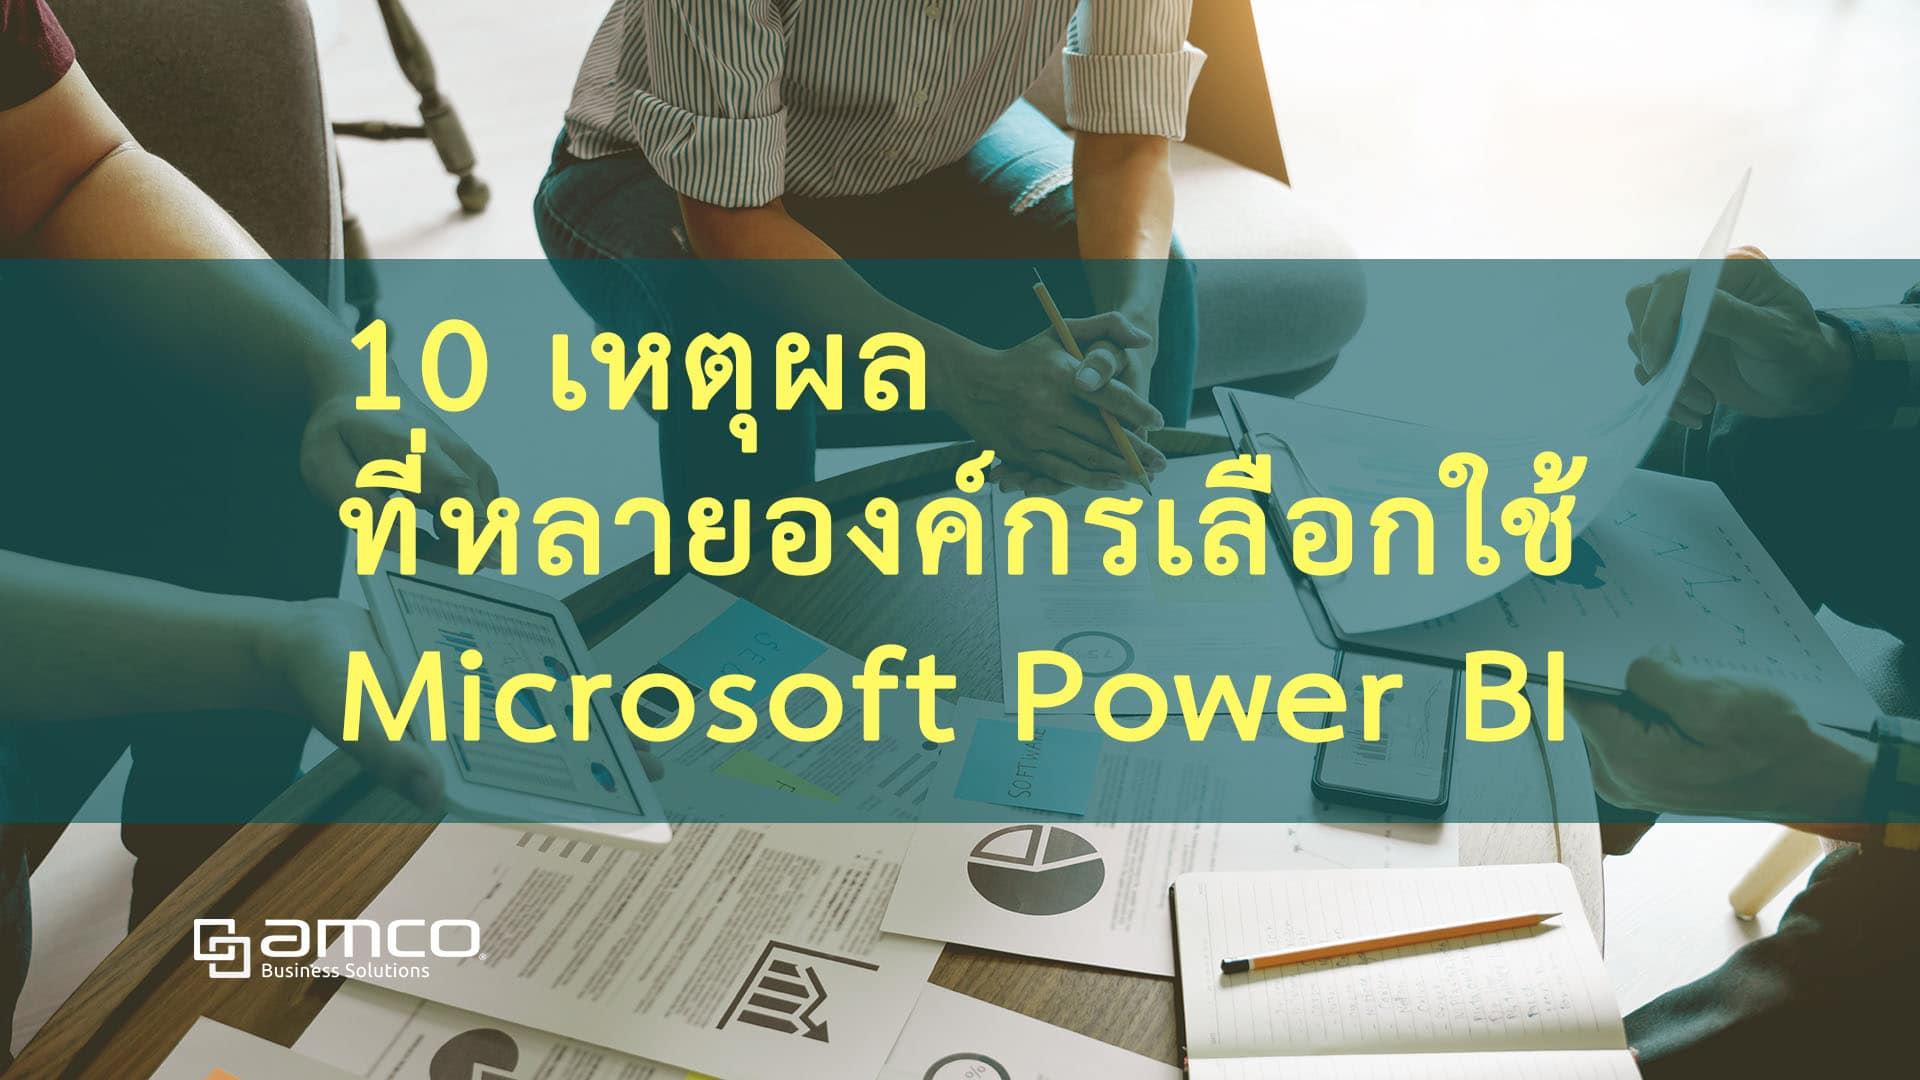 10 เหตุผลที่หลายองค์กรเลือกใช้ Microsoft Power BI